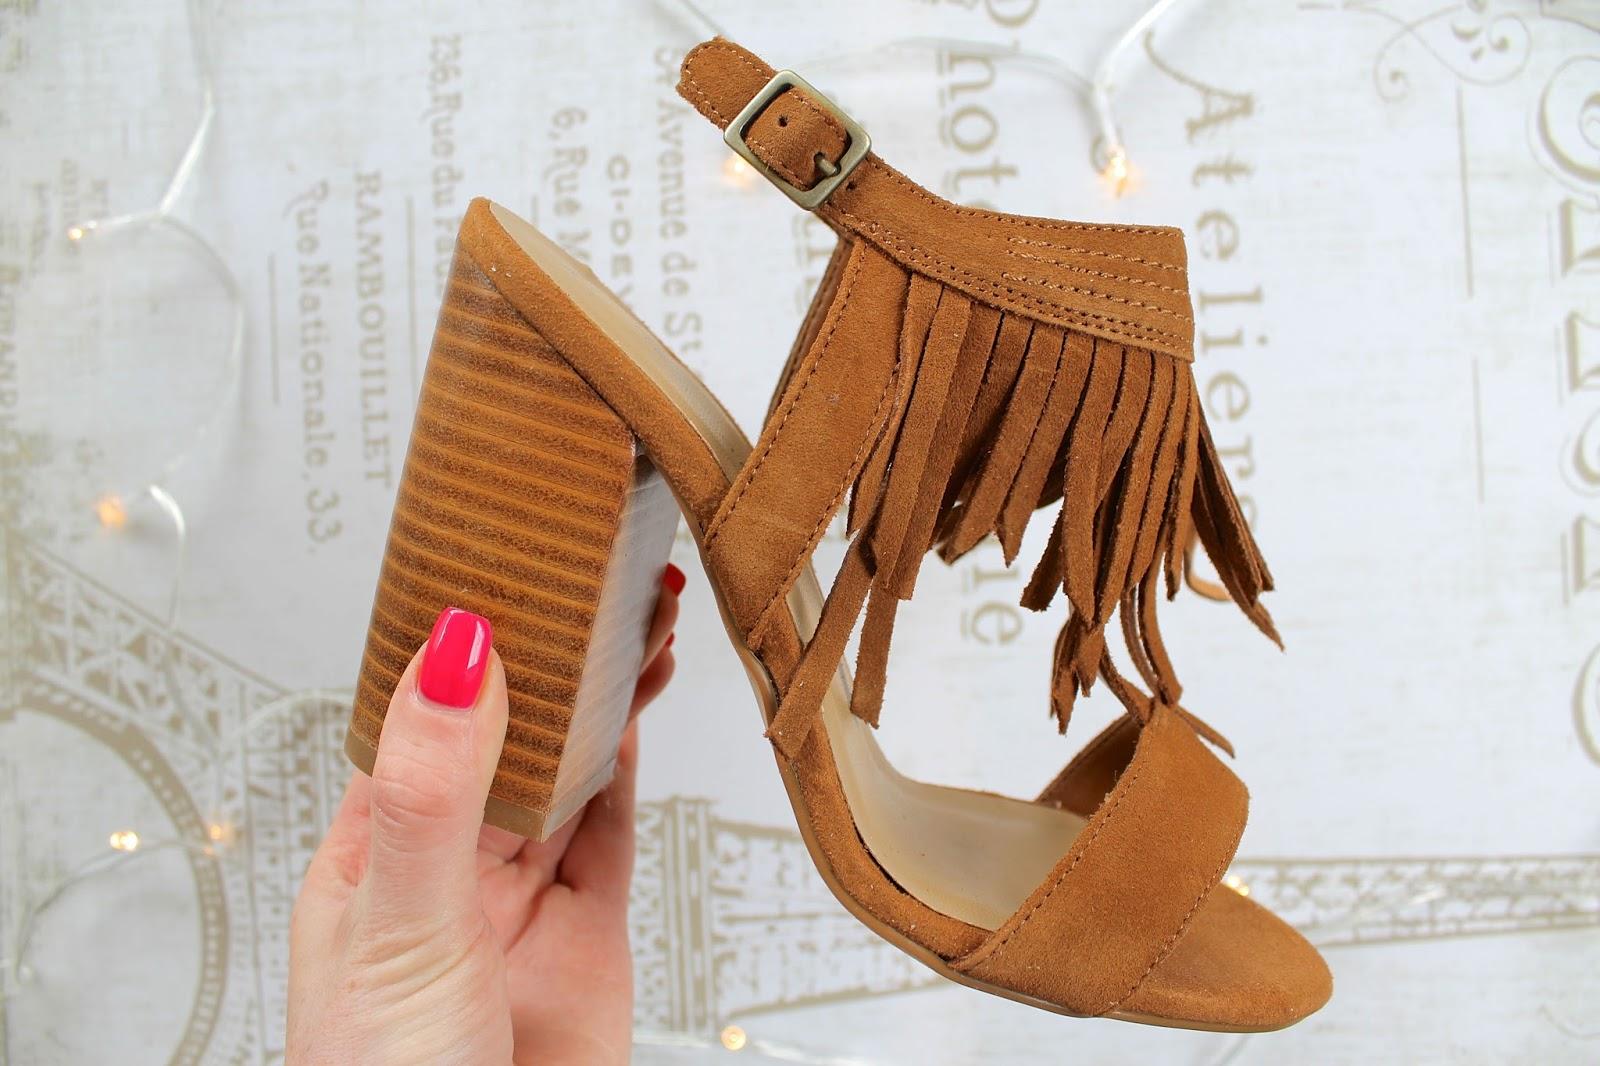 bec boop fringed heels festival